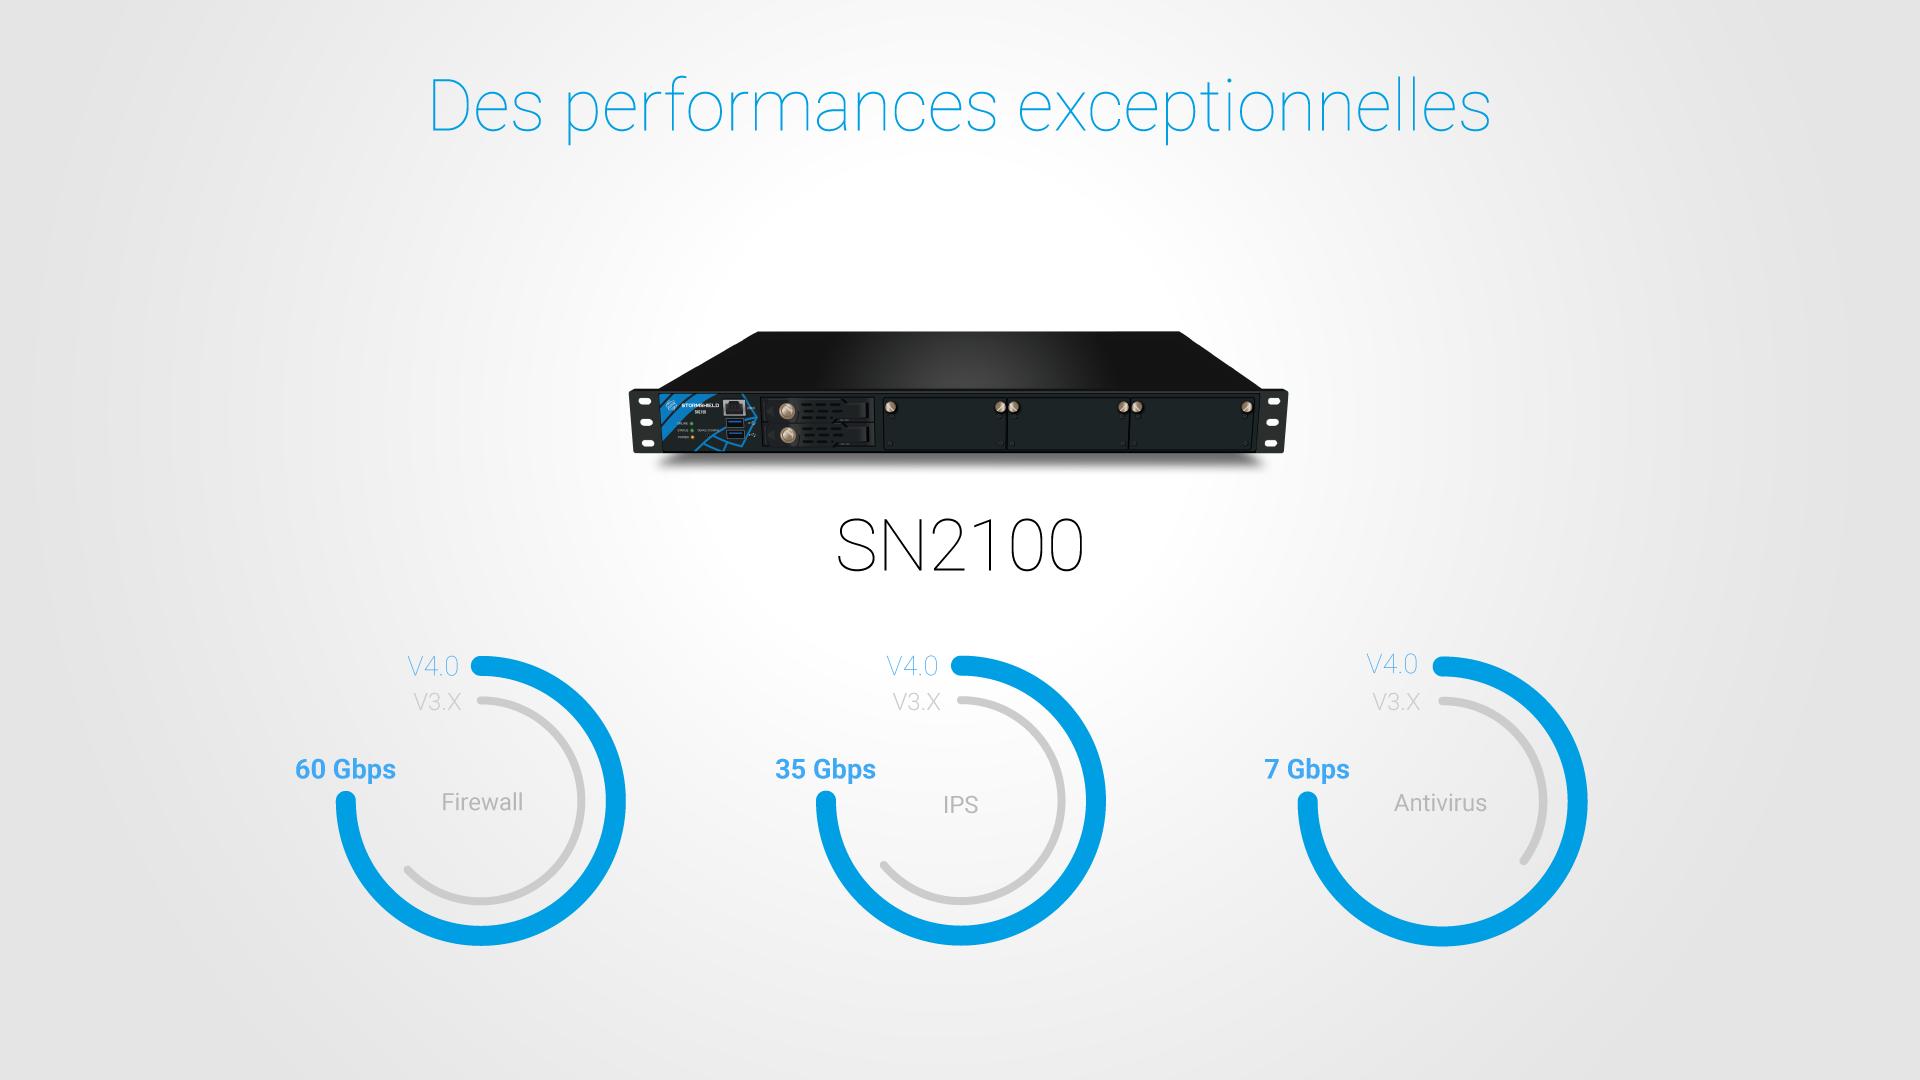 SNS V4.0 : des performances exceptionnelles Firewall, IPS et Antivirus pour le SN2100